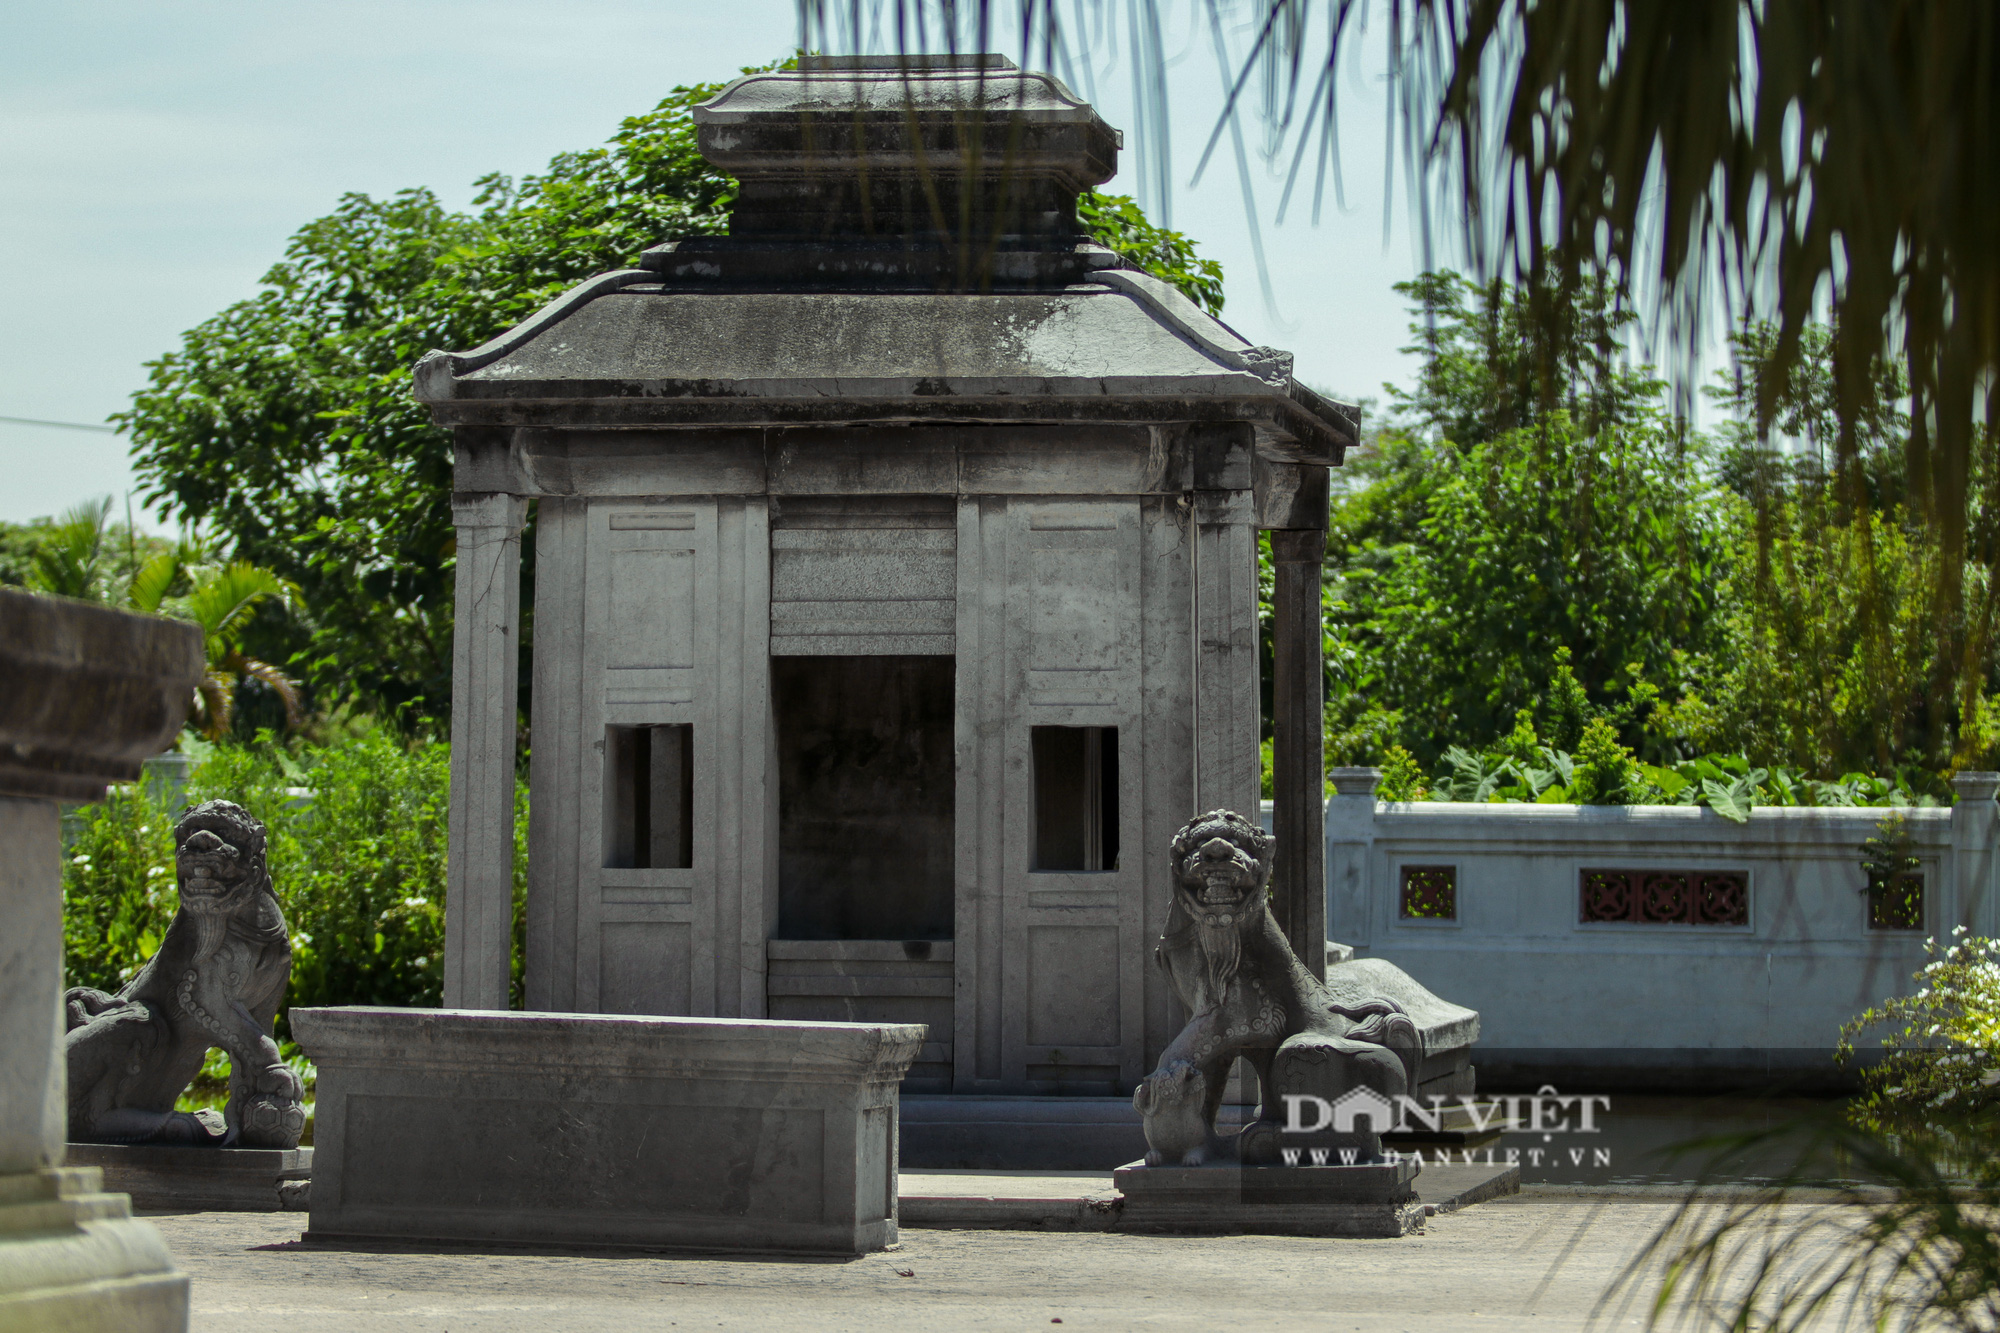 Bí ẩn lăng mộ đá ở Hà Nội bị 2 trận lũ lớn vùi lấp suốt hàng trăm năm - Ảnh 2.